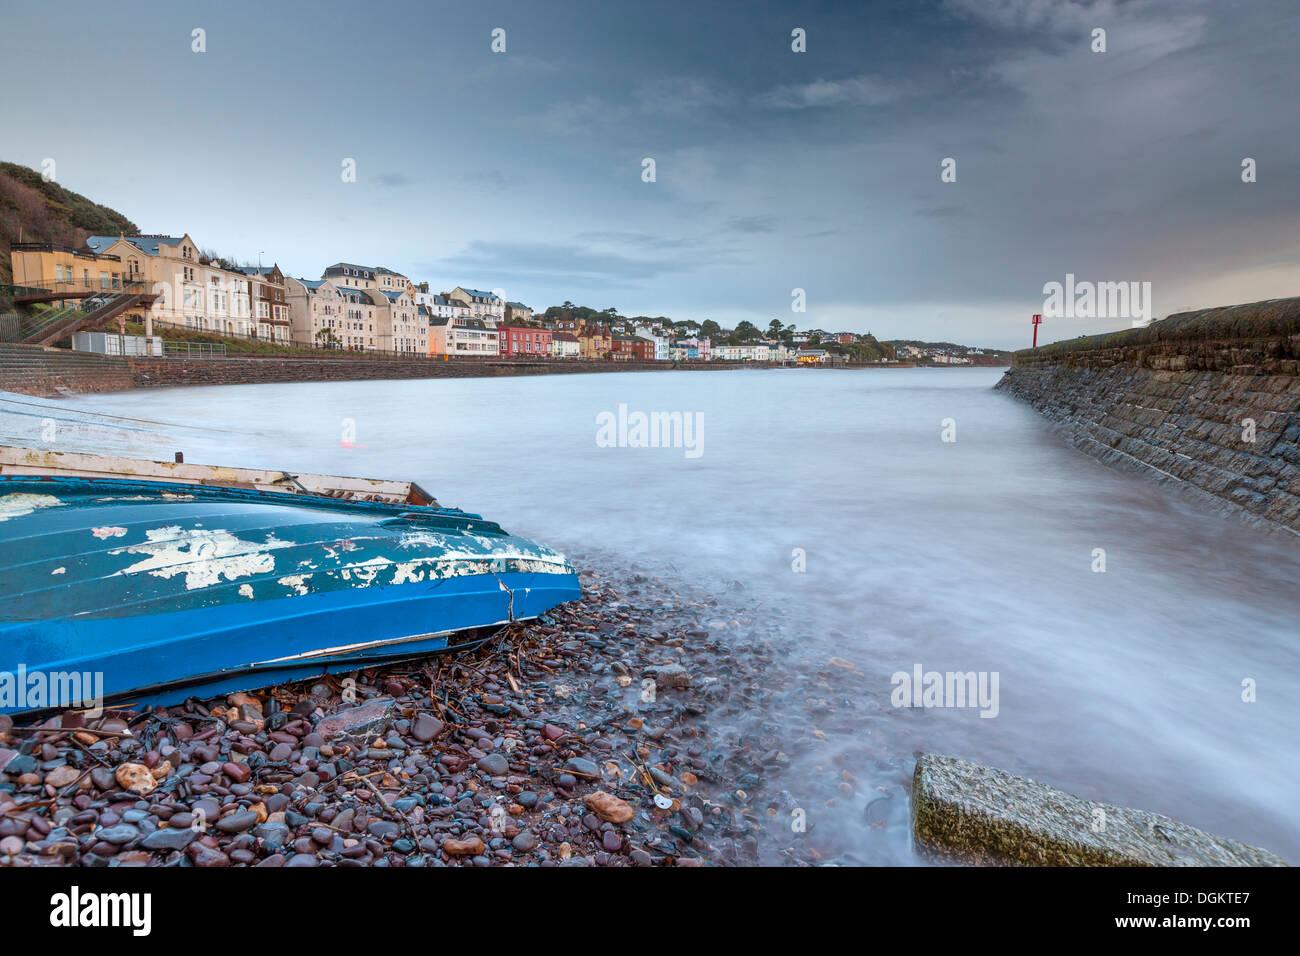 Dawlish seafront. Stock Photo